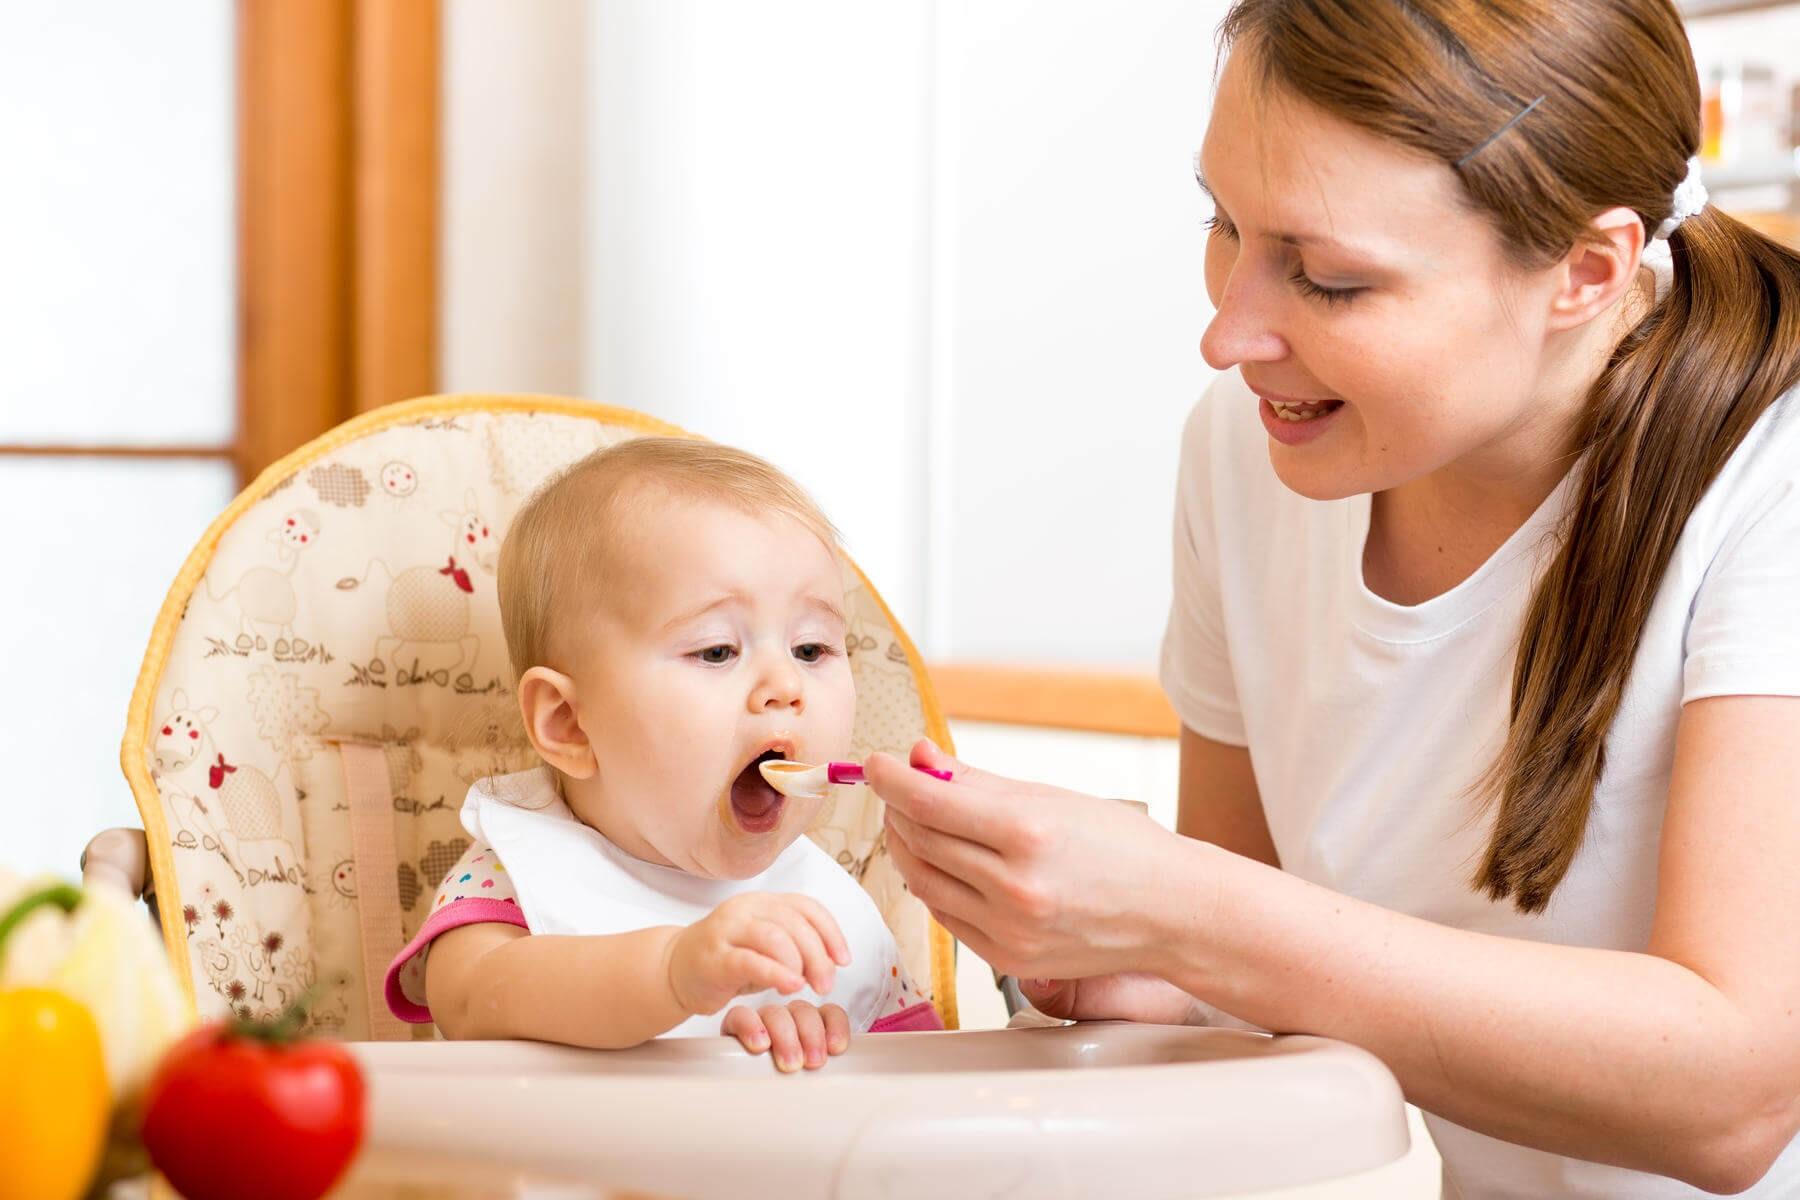 1 tuần cho bé ăn mấy hộp sữa chua